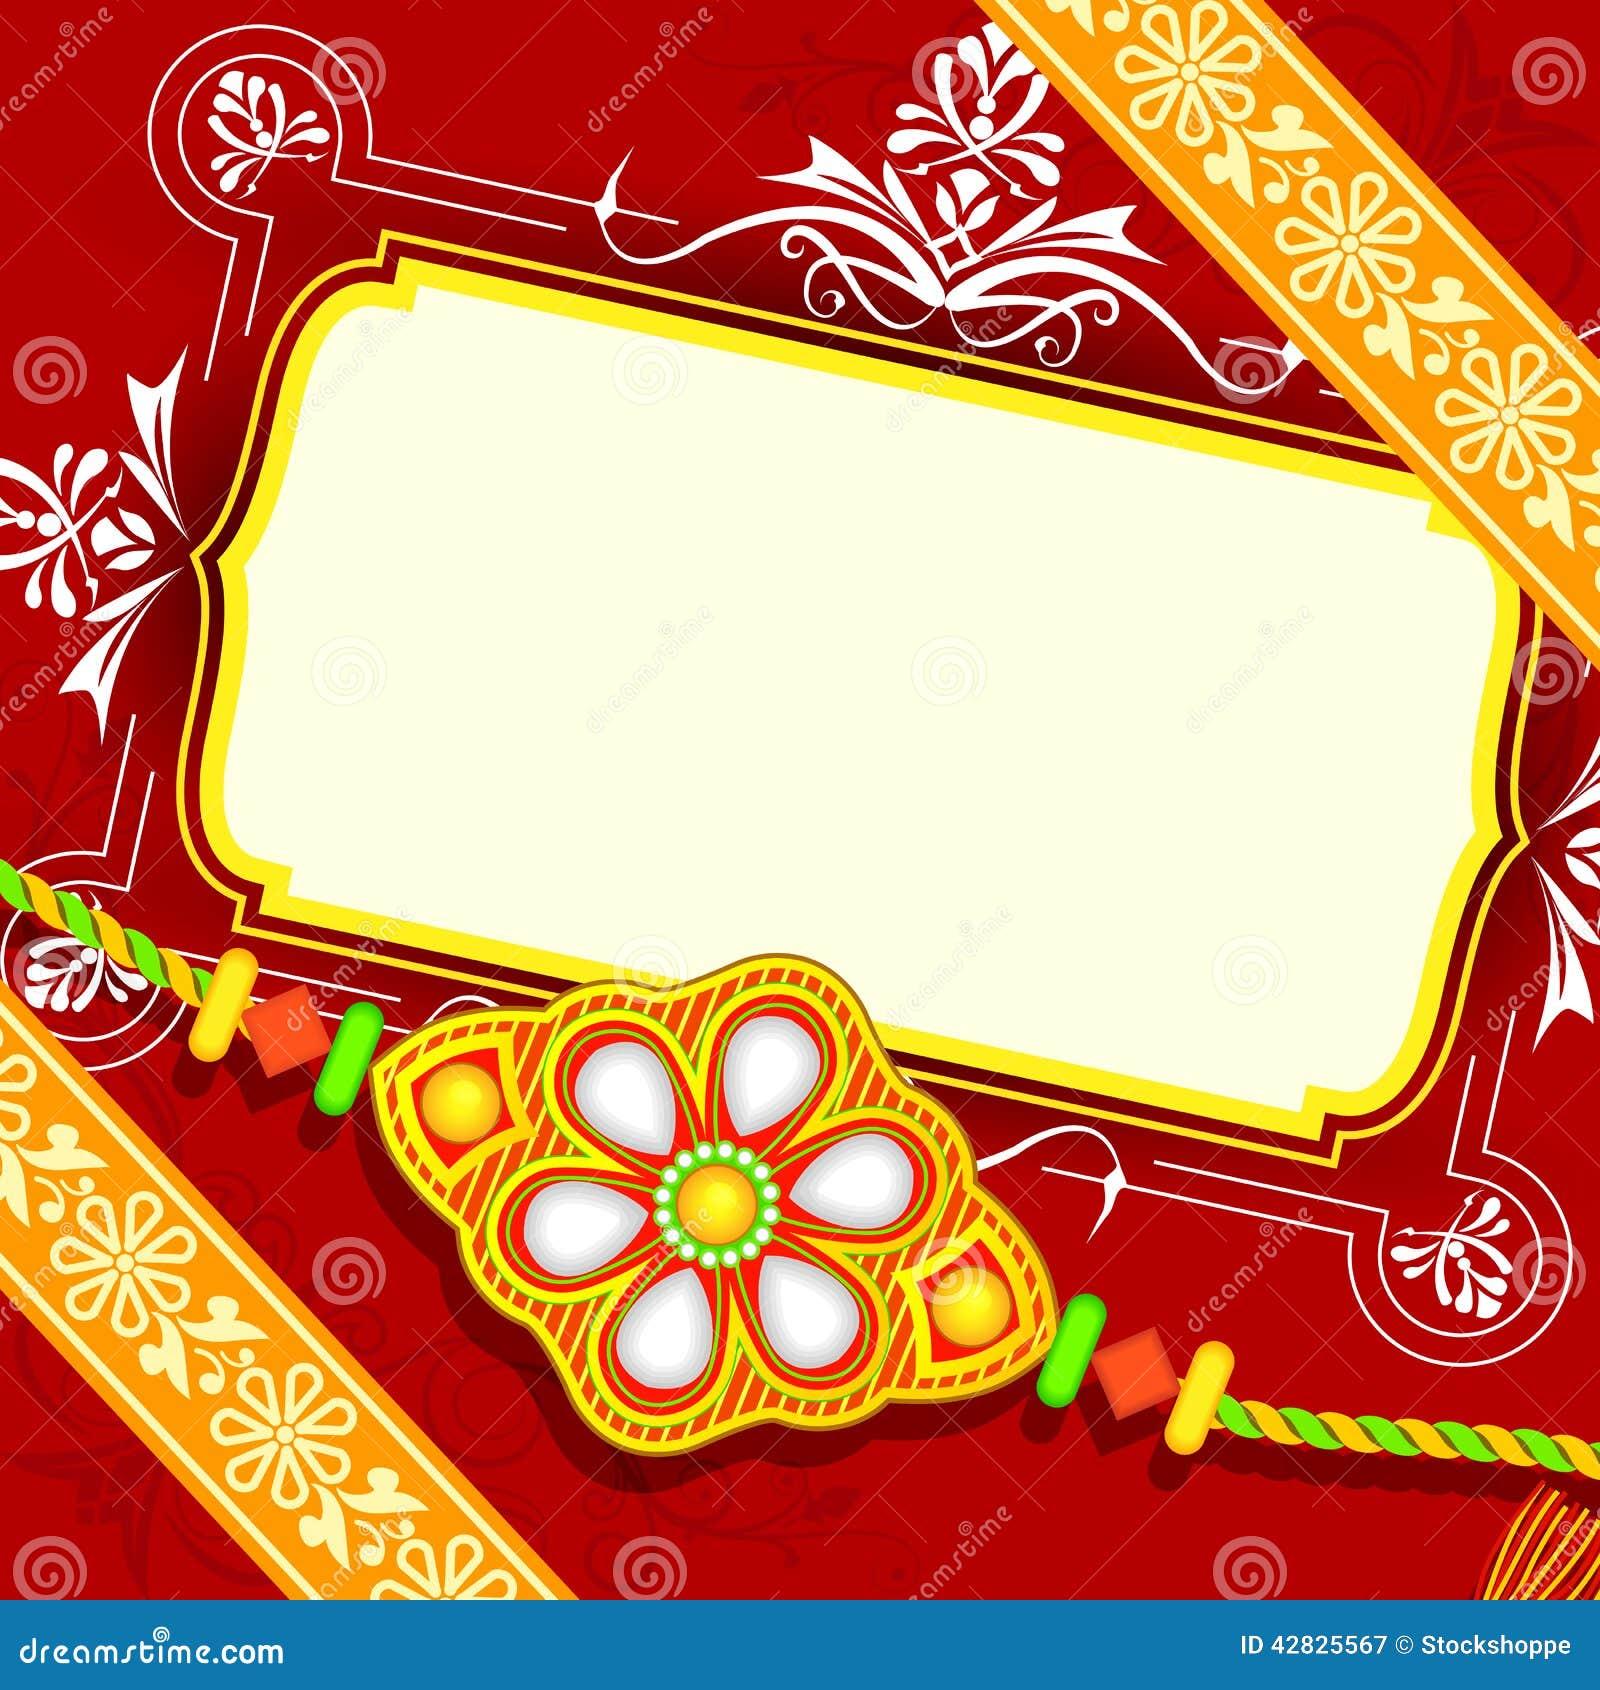 download pic of raksha bandhan